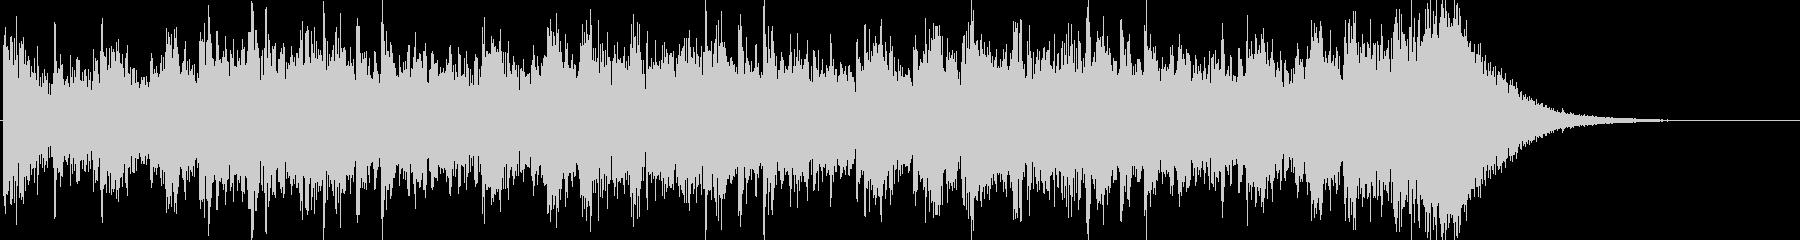 約16秒でシンバルが鳴るドラムロールの未再生の波形